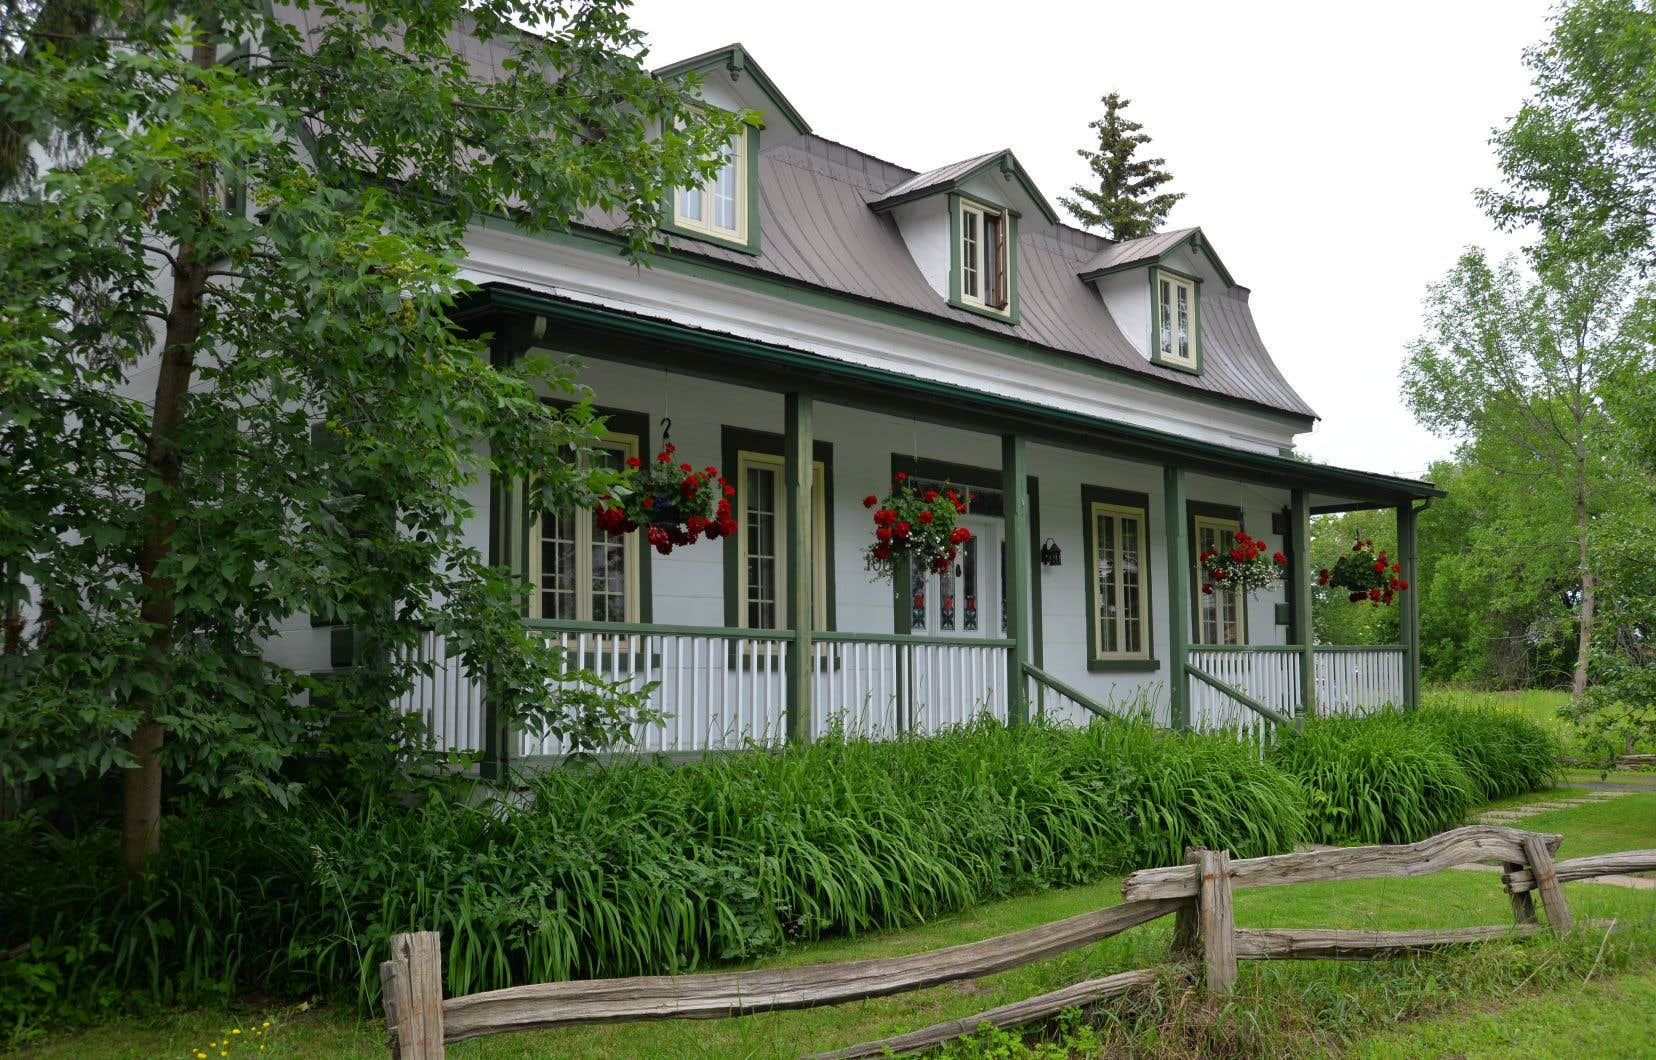 Les maisons dites contemporaines sont plus faciles à assurer que les maisons patrimoniales, car les réparations sont moins complexes à exécuter.